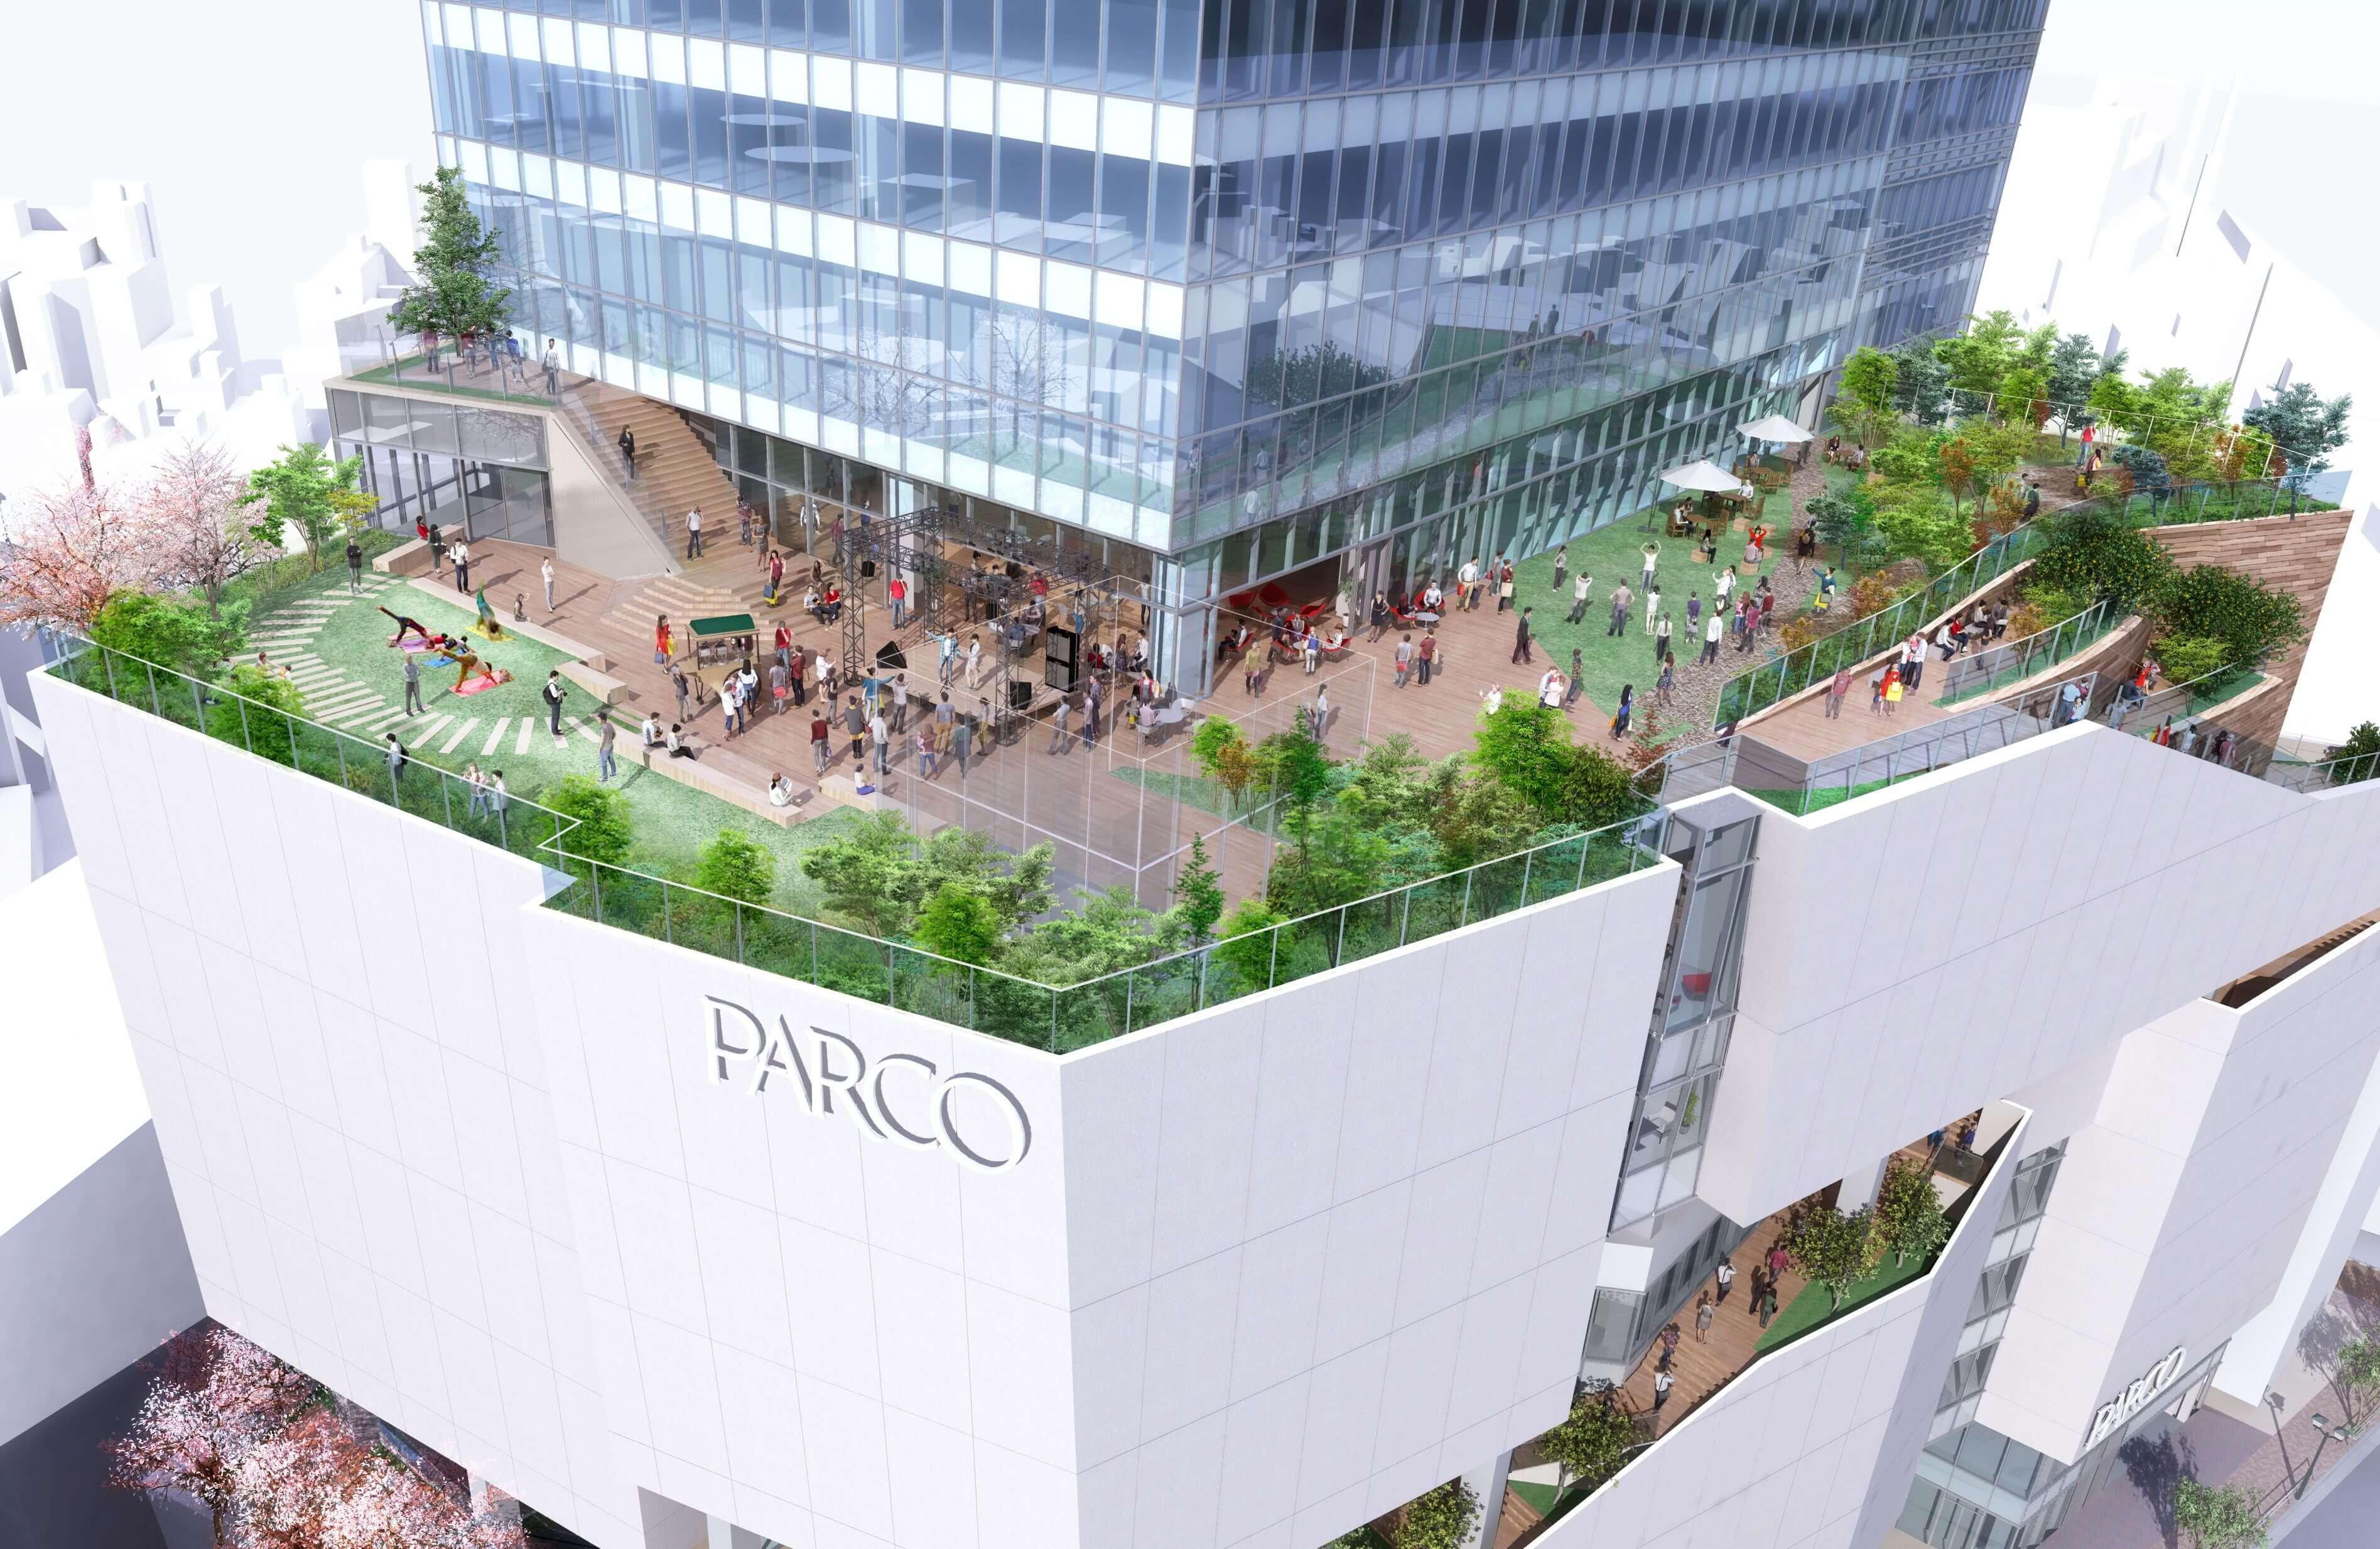 渋谷PARCO パルコ shibuya メインビジュアル